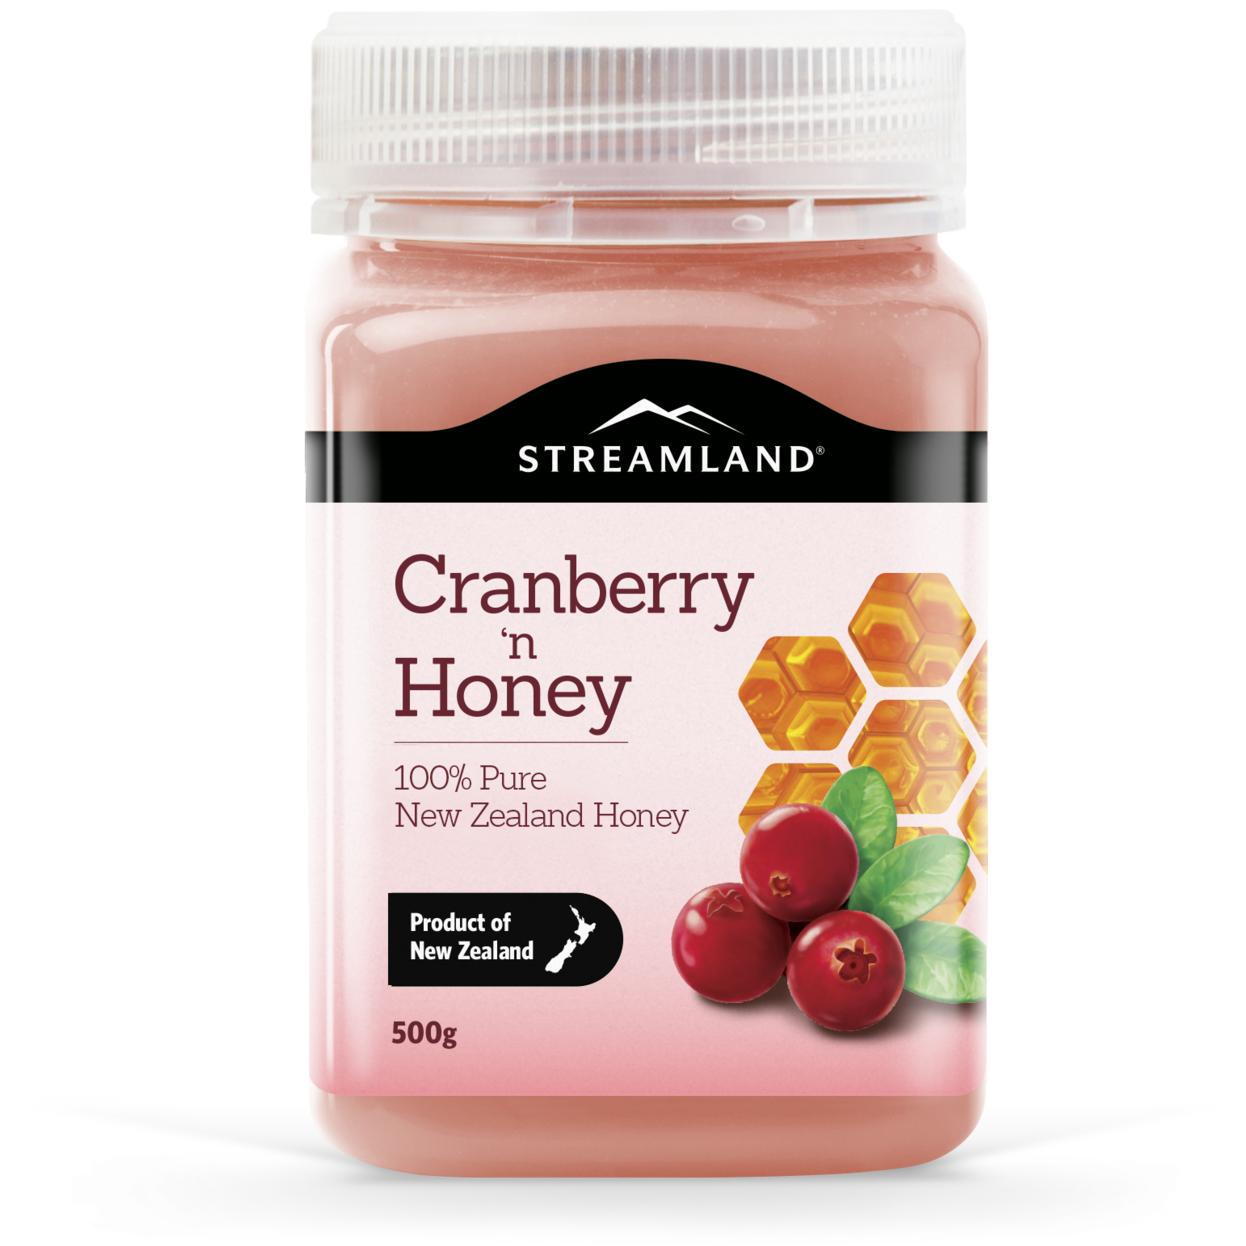 Streamland Cranberry Honey 500g